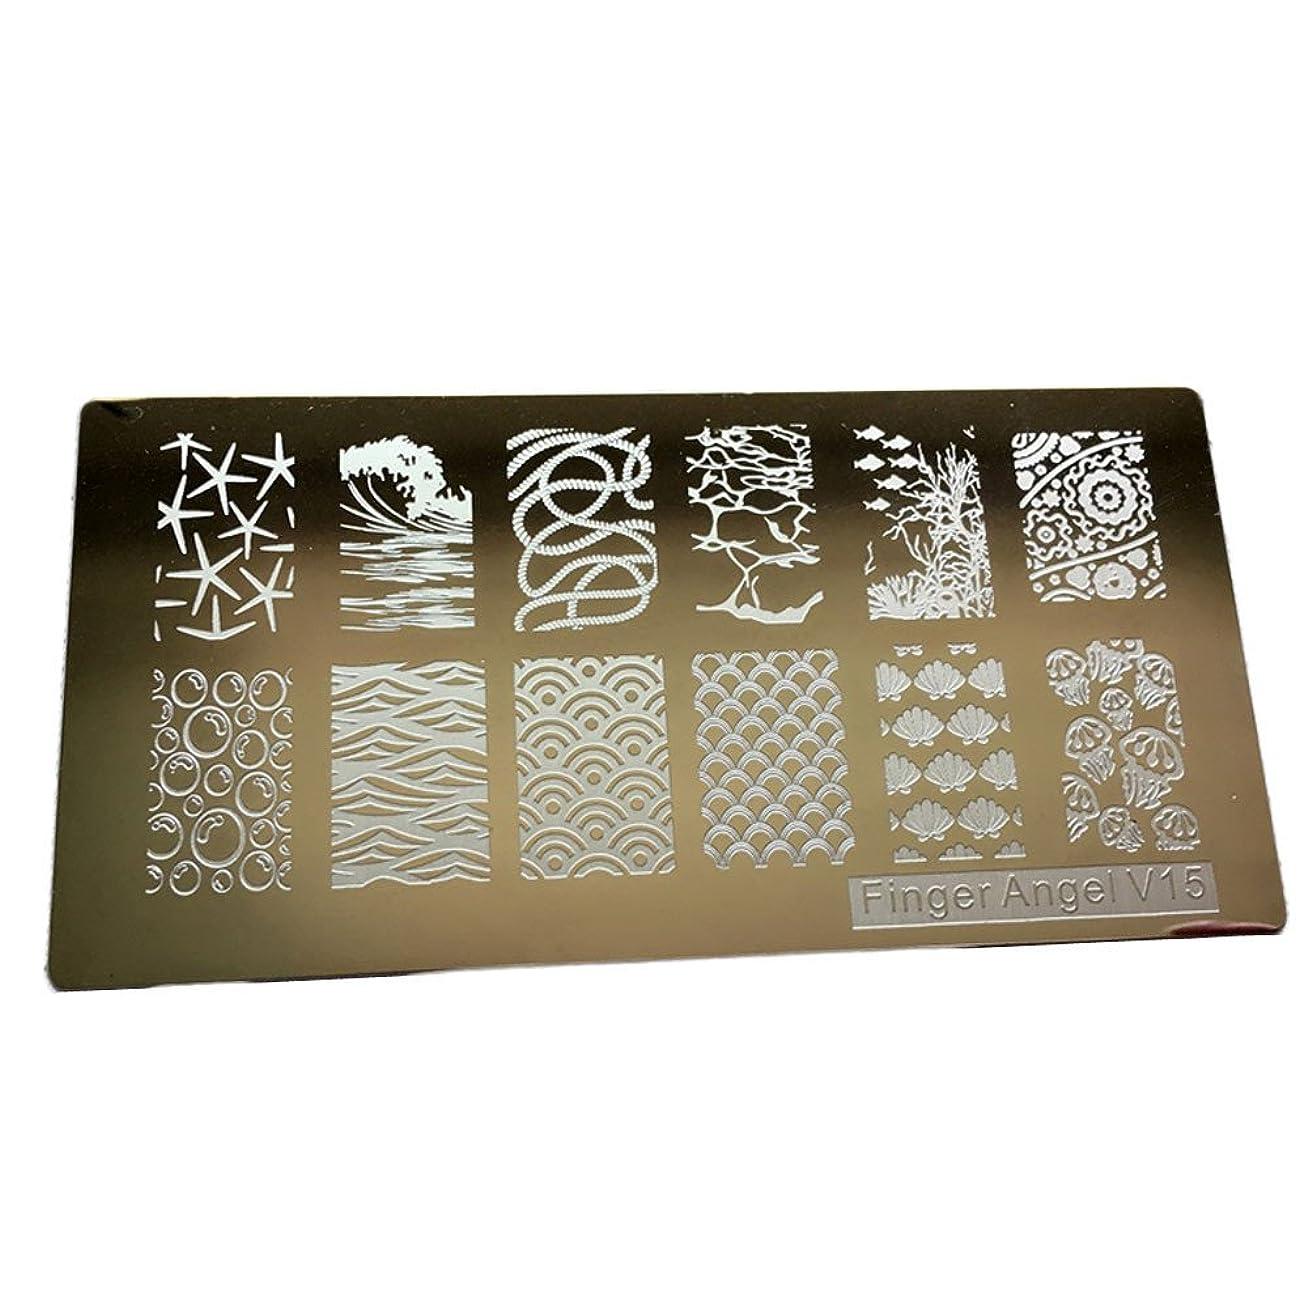 以上説得せがむ[ルテンズ] スタンピングプレートセット 花柄 ネイルプレート ネイルアートツール ネイルプレート ネイルスタンパー ネイルスタンプ スタンプネイル ネイルデザイン用品